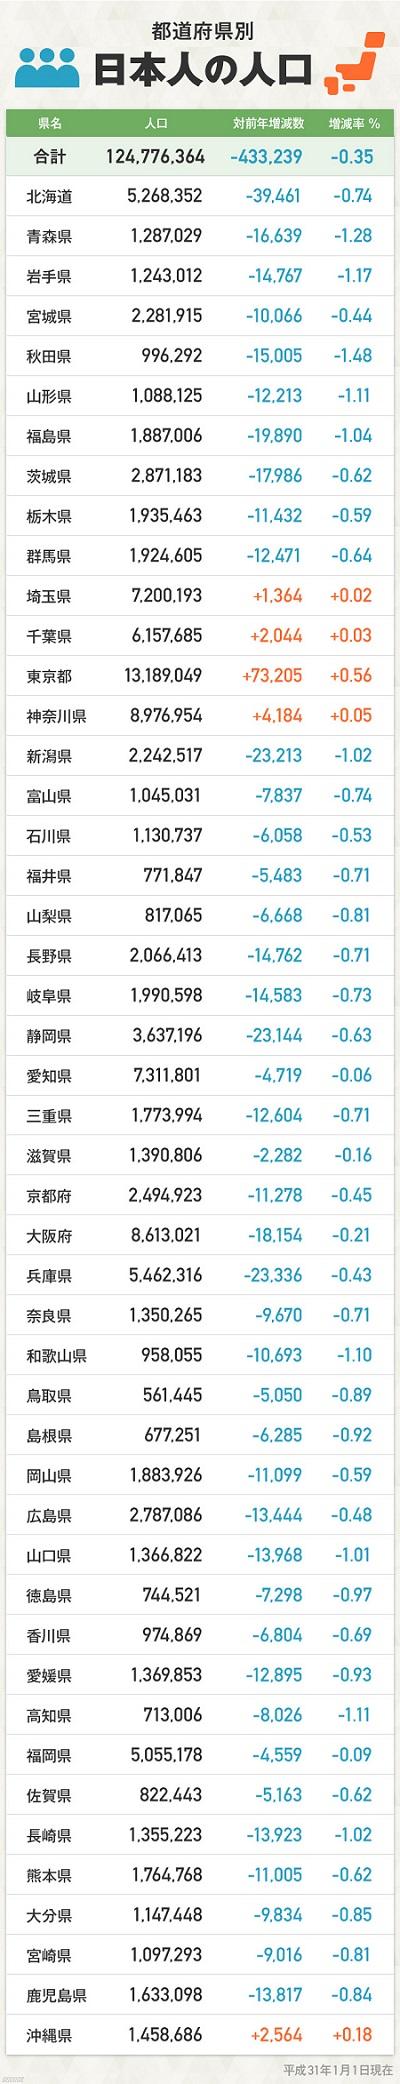 일본인구 지역별 일본인구 10년 연속 감소! 외국인은 총인구의 2% 초과